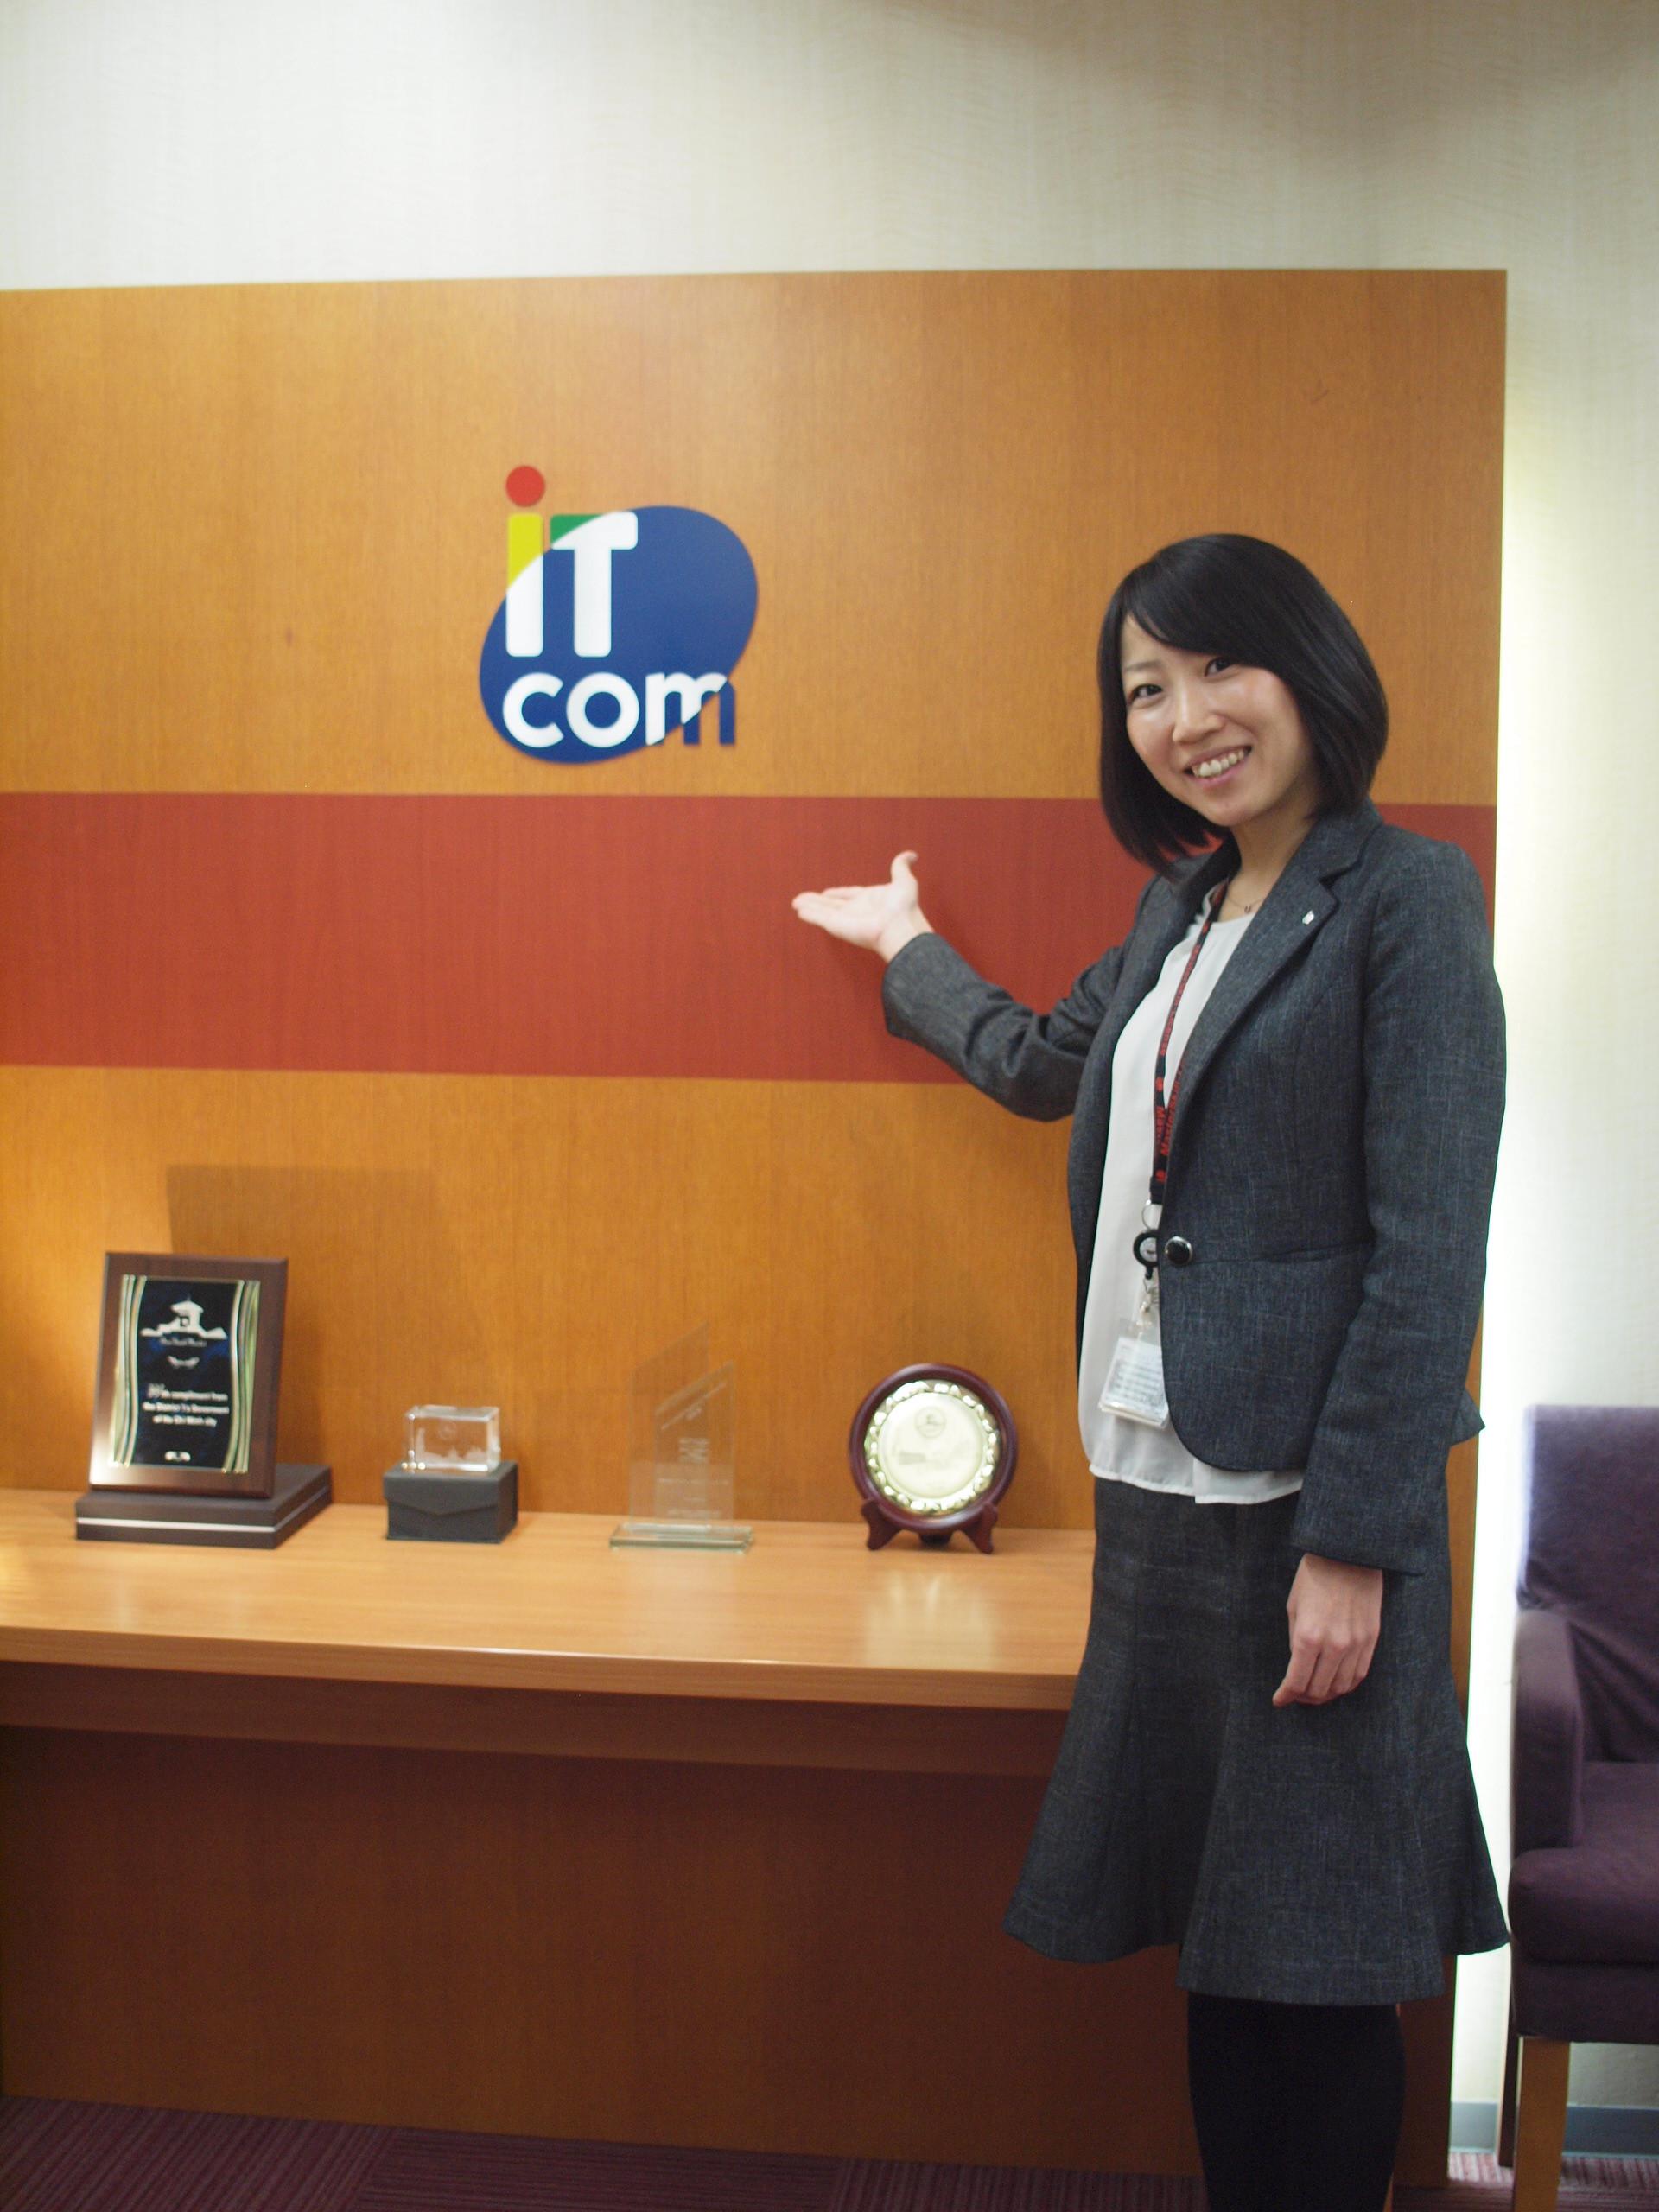 株式会社アイティ・コミュニケーションズ 釧路センター のアルバイト情報